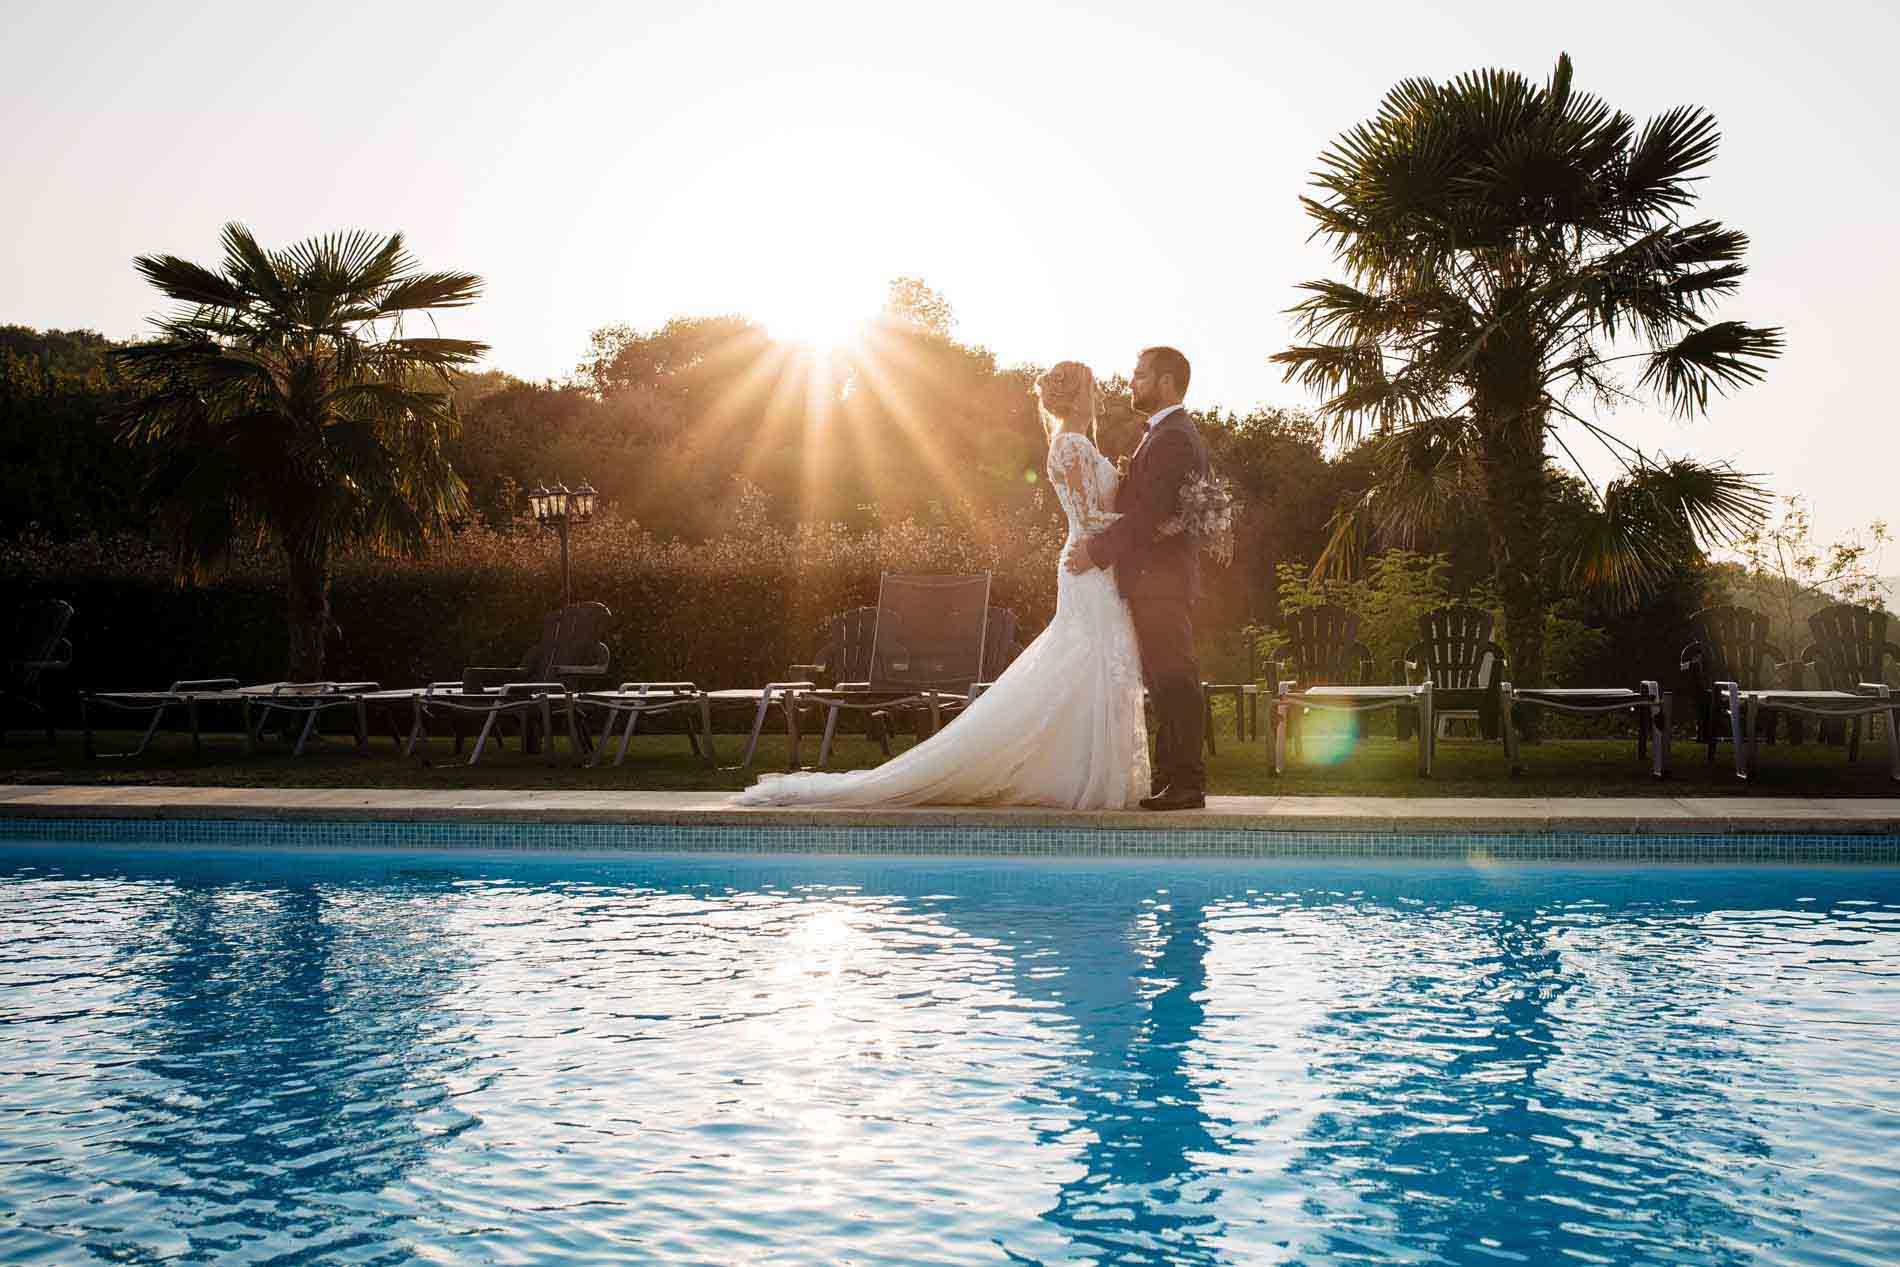 photographe mariage château chapeau cornu